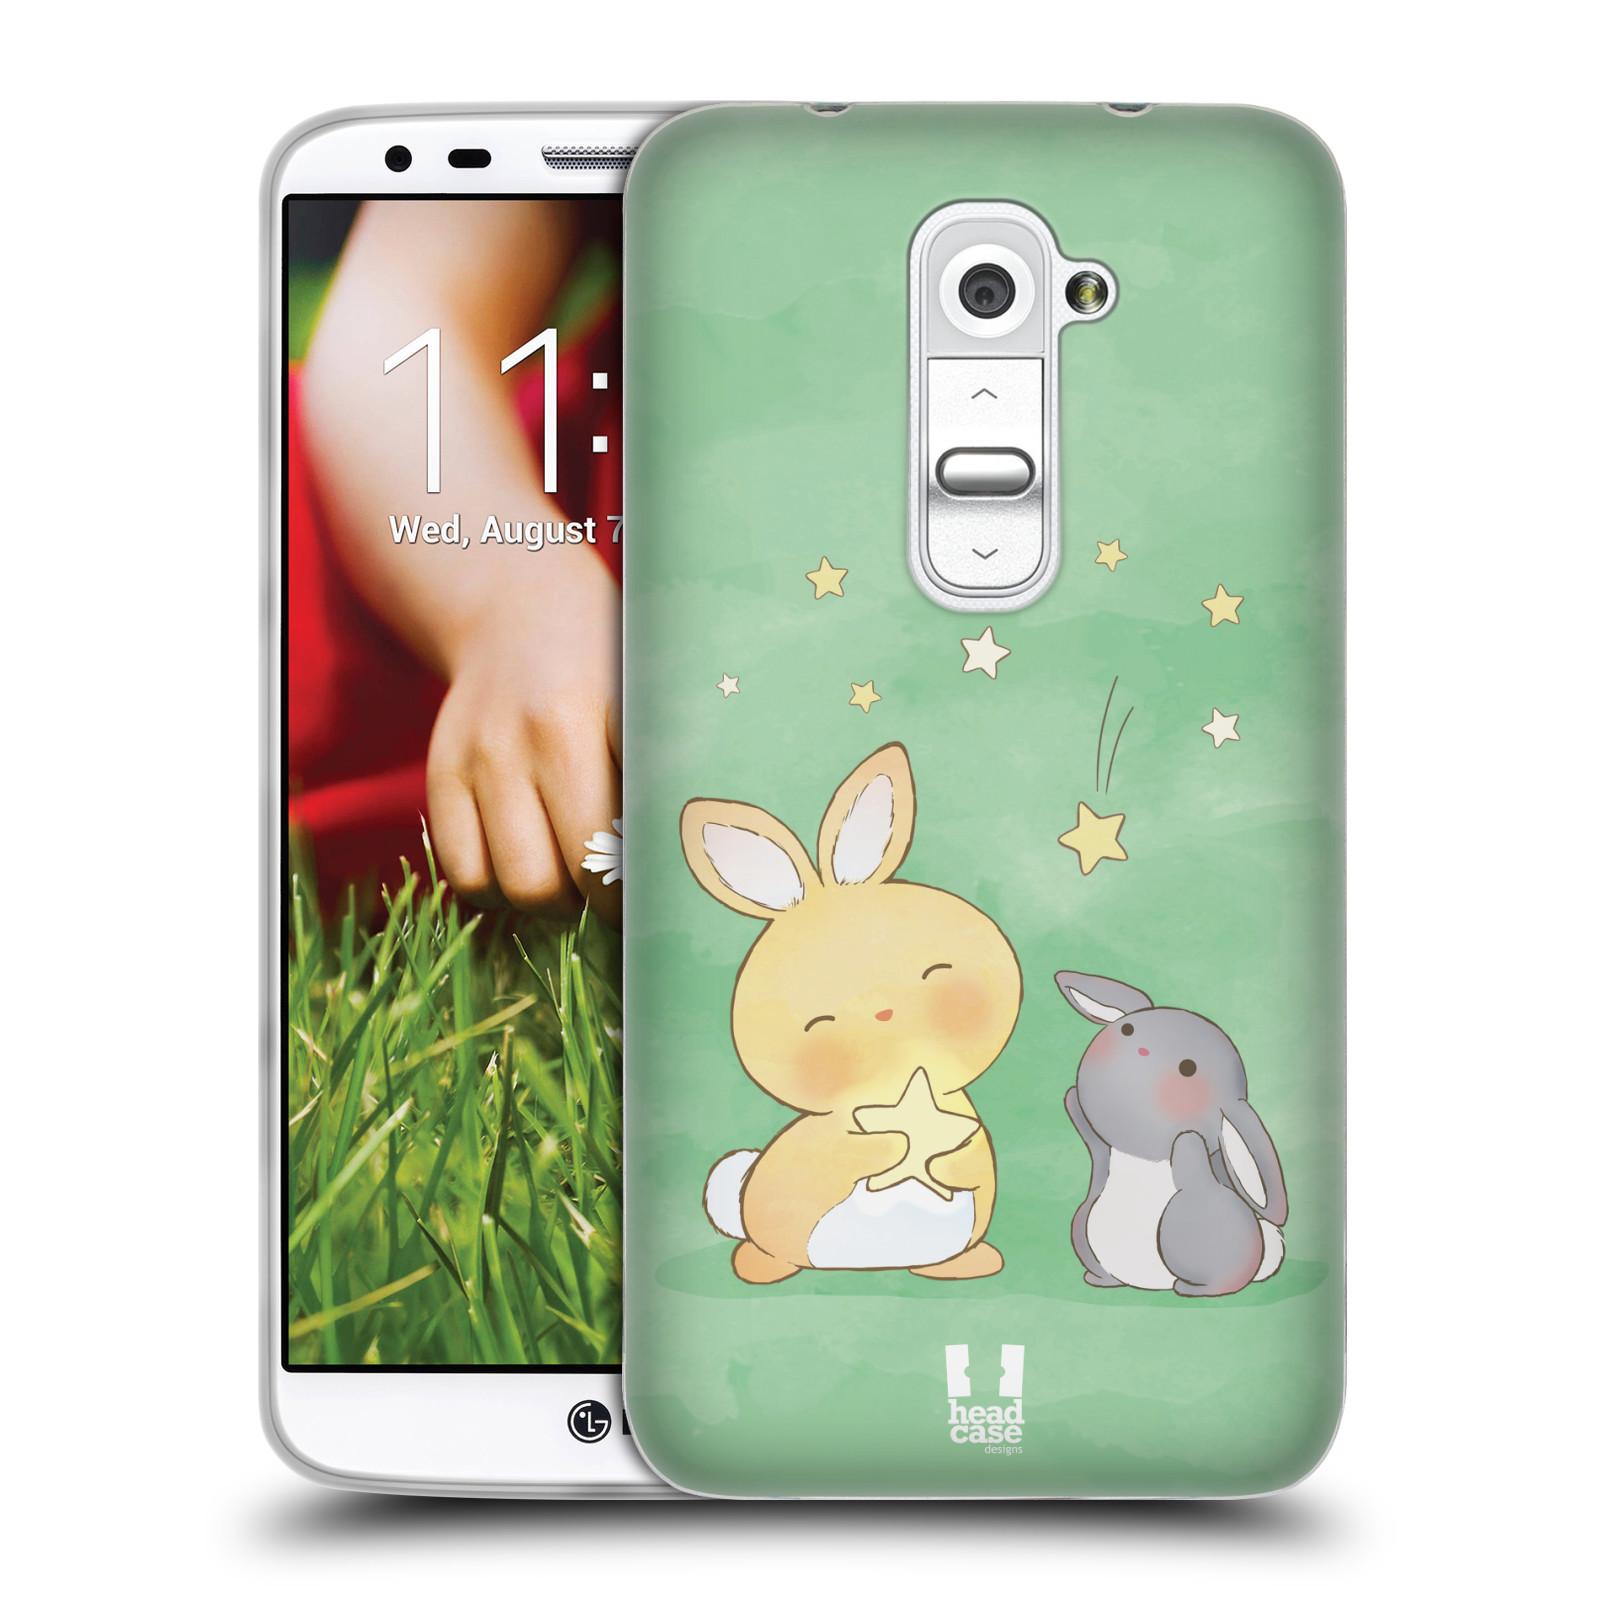 HEAD CASE silikonový obal na mobil LG G2 vzor králíček a hvězdy zelená